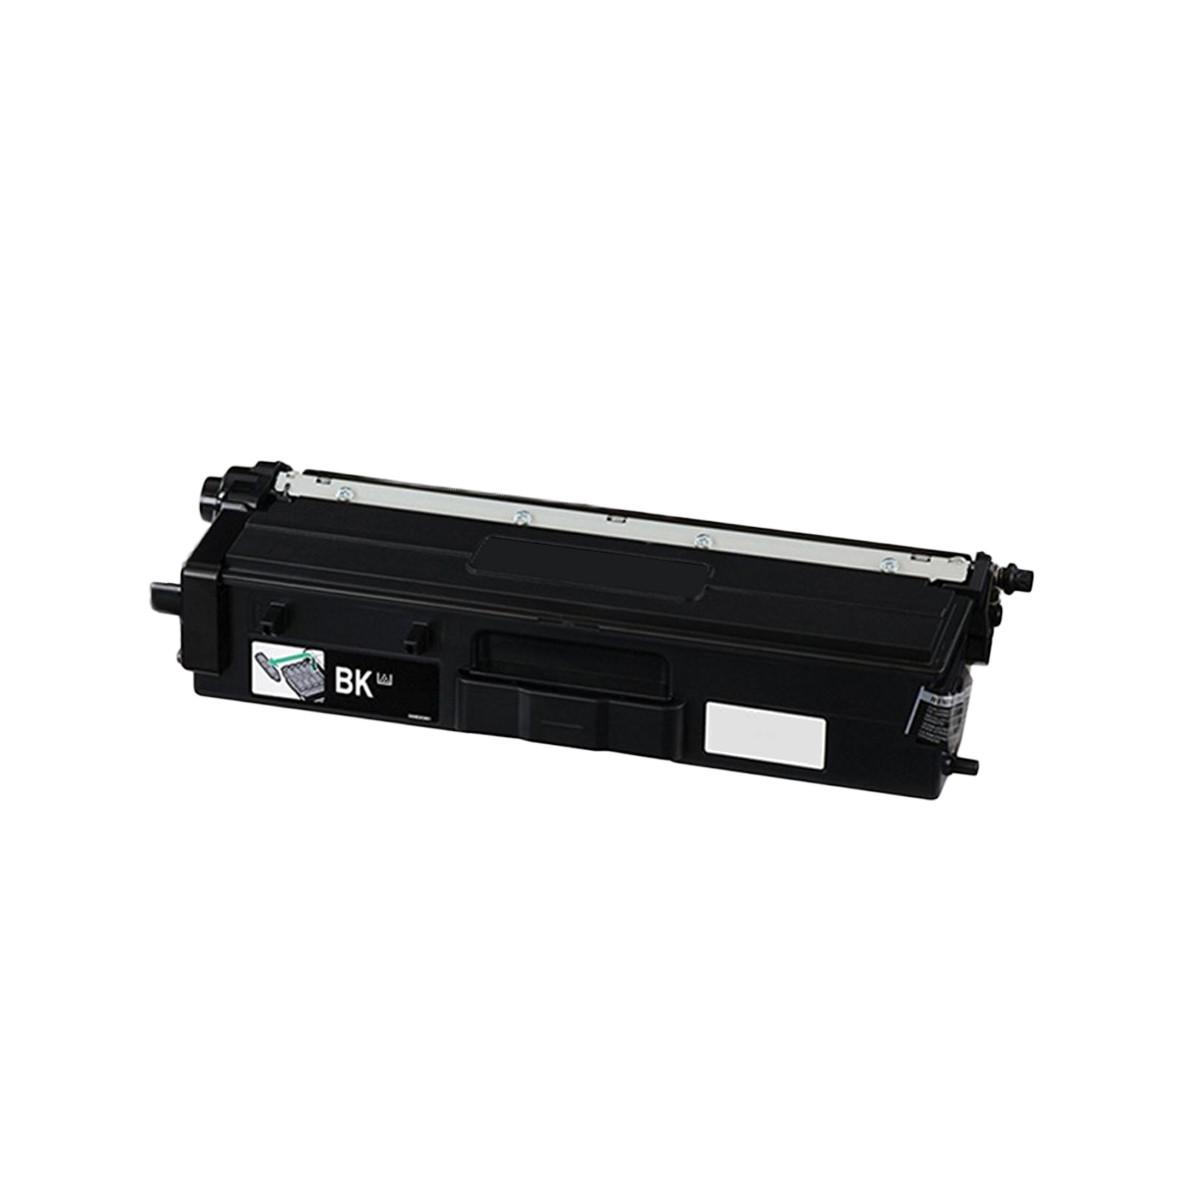 Toner Compatível com Brother TN-419BK Preto | HL-L8360CDW MFC-L8610CDW MFC-L8900CDW | Premium 9k